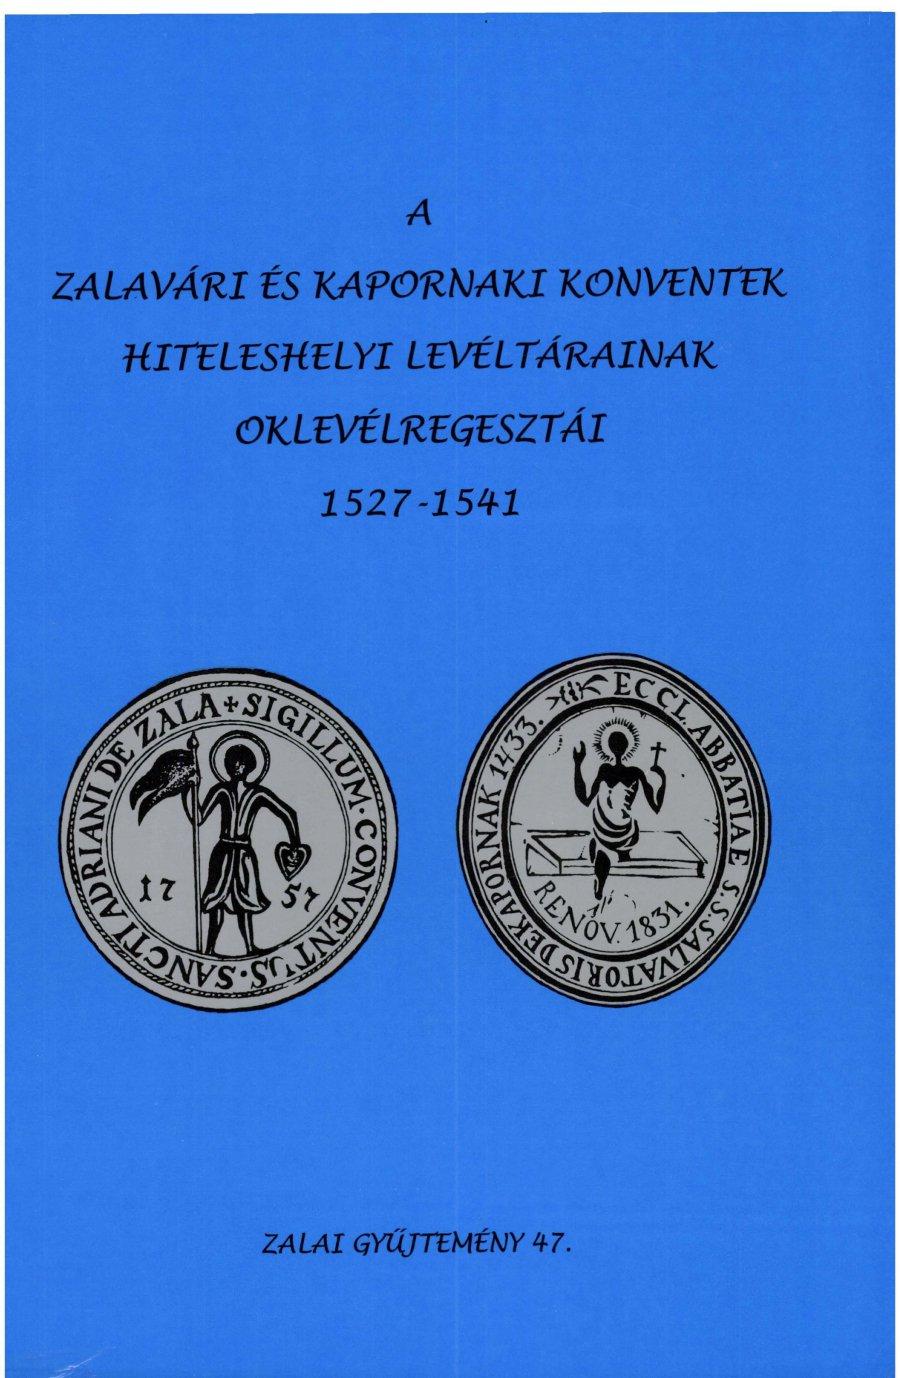 A zalavári és a kapornaki konventek hiteleshelyi levéltárainak oklevélregesztrái (1527 - 1541)